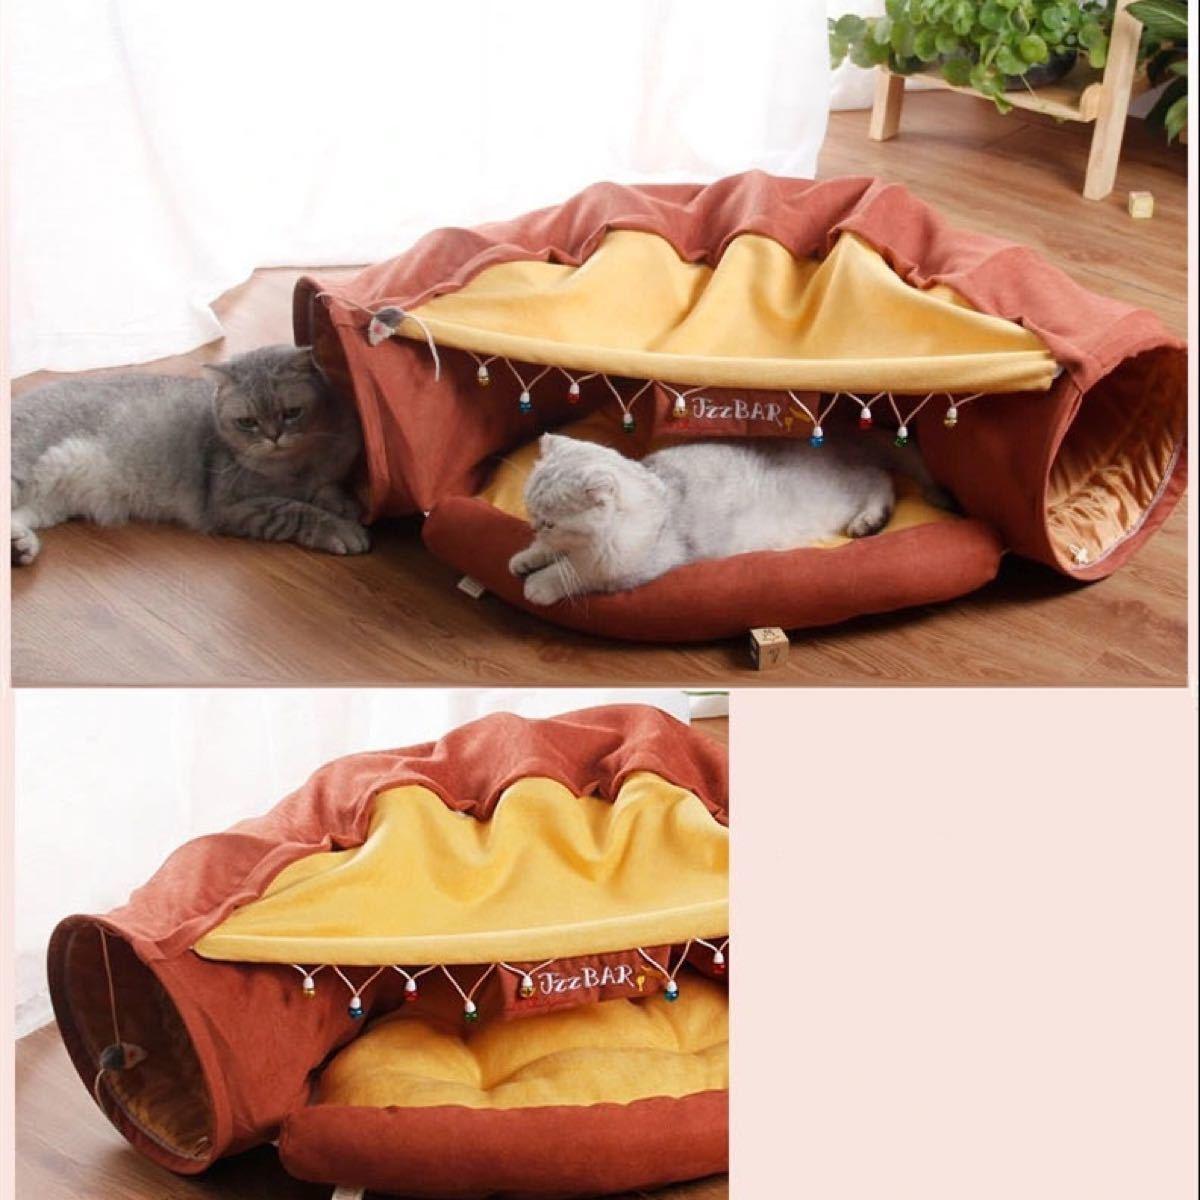 ねこトンネル 猫ハウス キャットトンネル 猫ベッド ペットハウス おもちゃ 折り